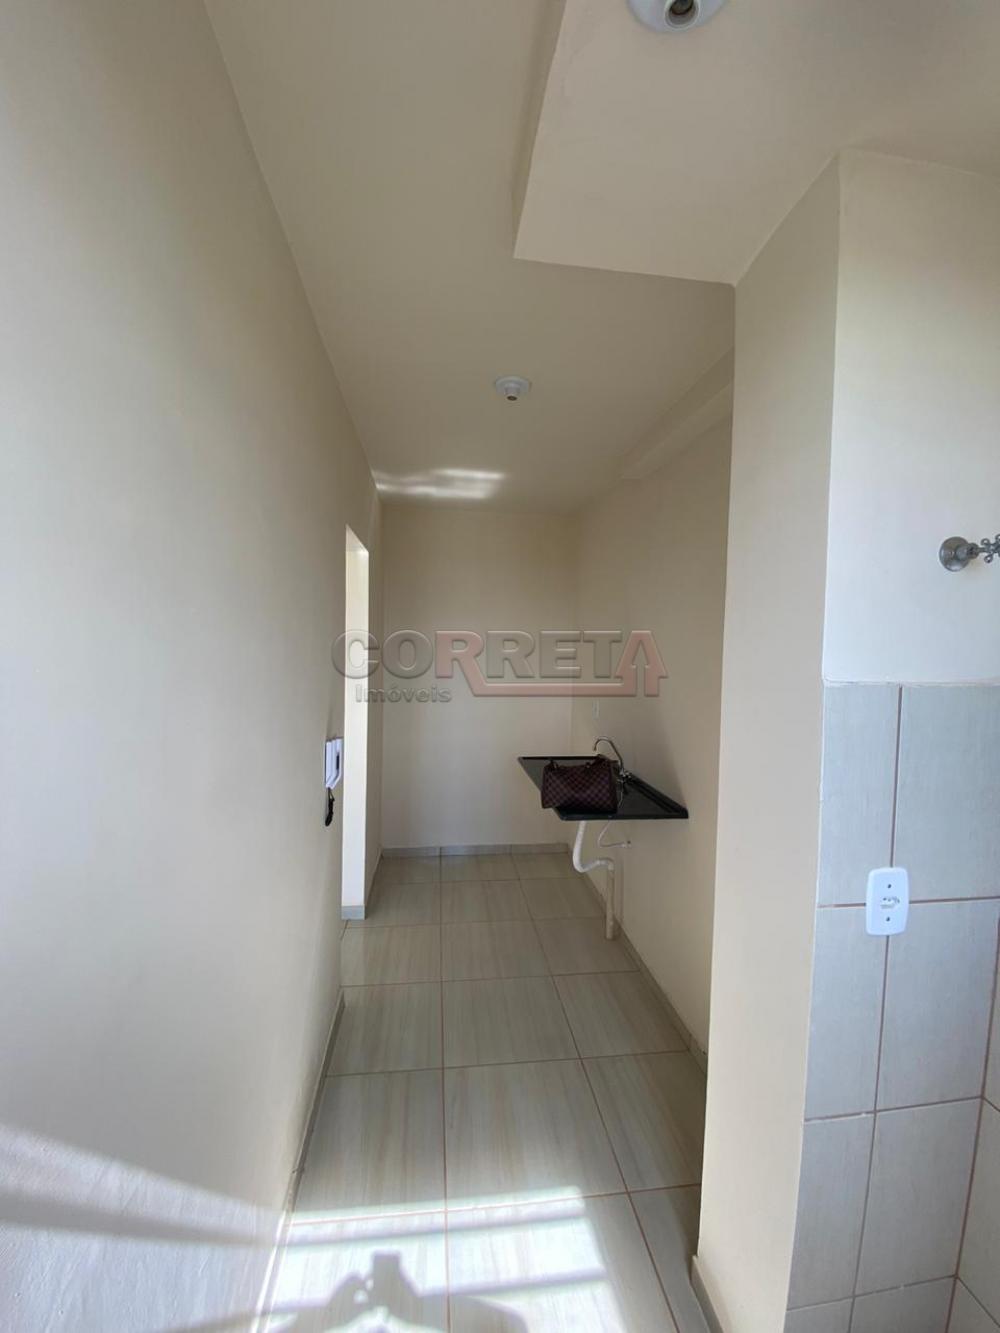 Comprar Apartamento / Padrão em Araçatuba apenas R$ 138.000,00 - Foto 5